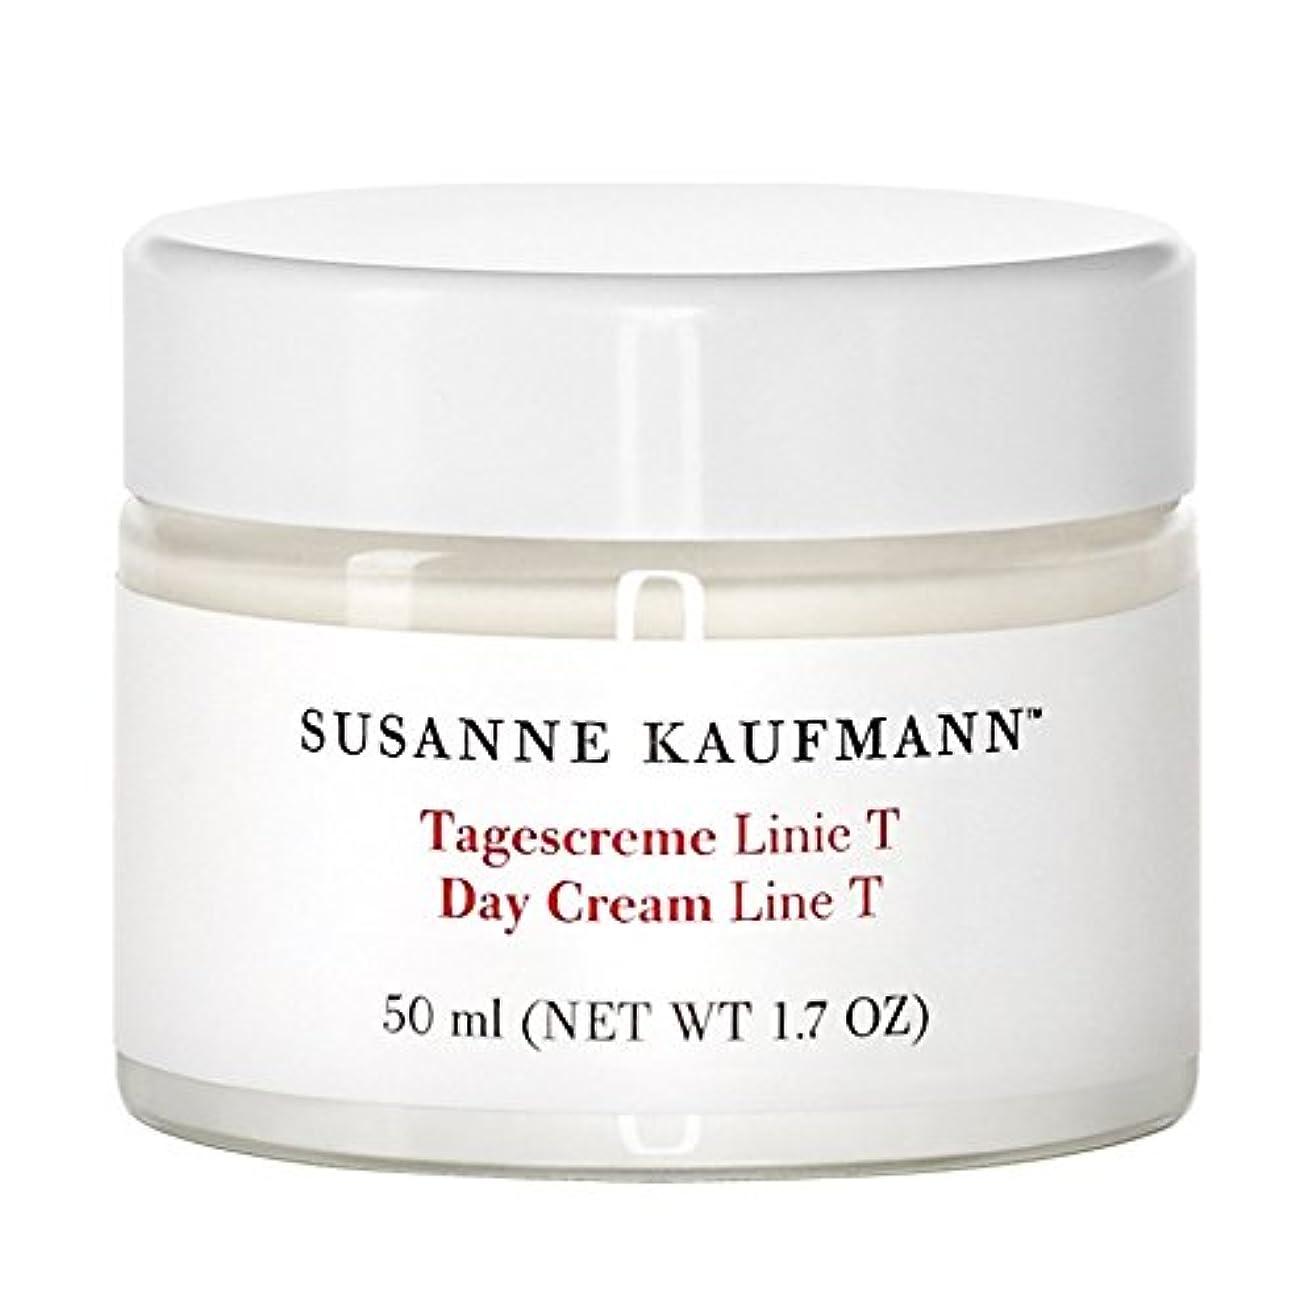 生態学燃料まともなSusanne Kaufmann Day Cream Line T 50ml - スザンヌカウフマン日クリームライントンの50ミリリットル [並行輸入品]